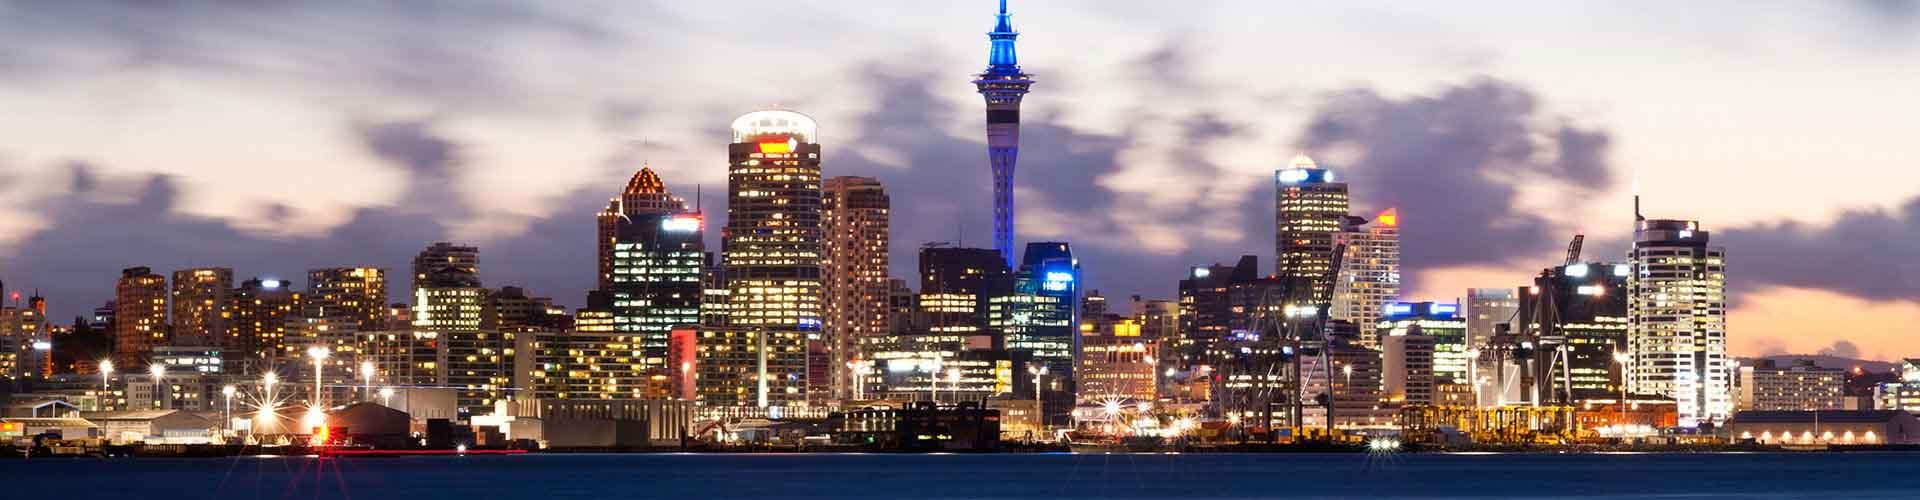 Auckland - Albergues Juveniles en Auckland. Mapas de Auckland, Fotos y Comentarios para cada Albergue Juvenil en Auckland.